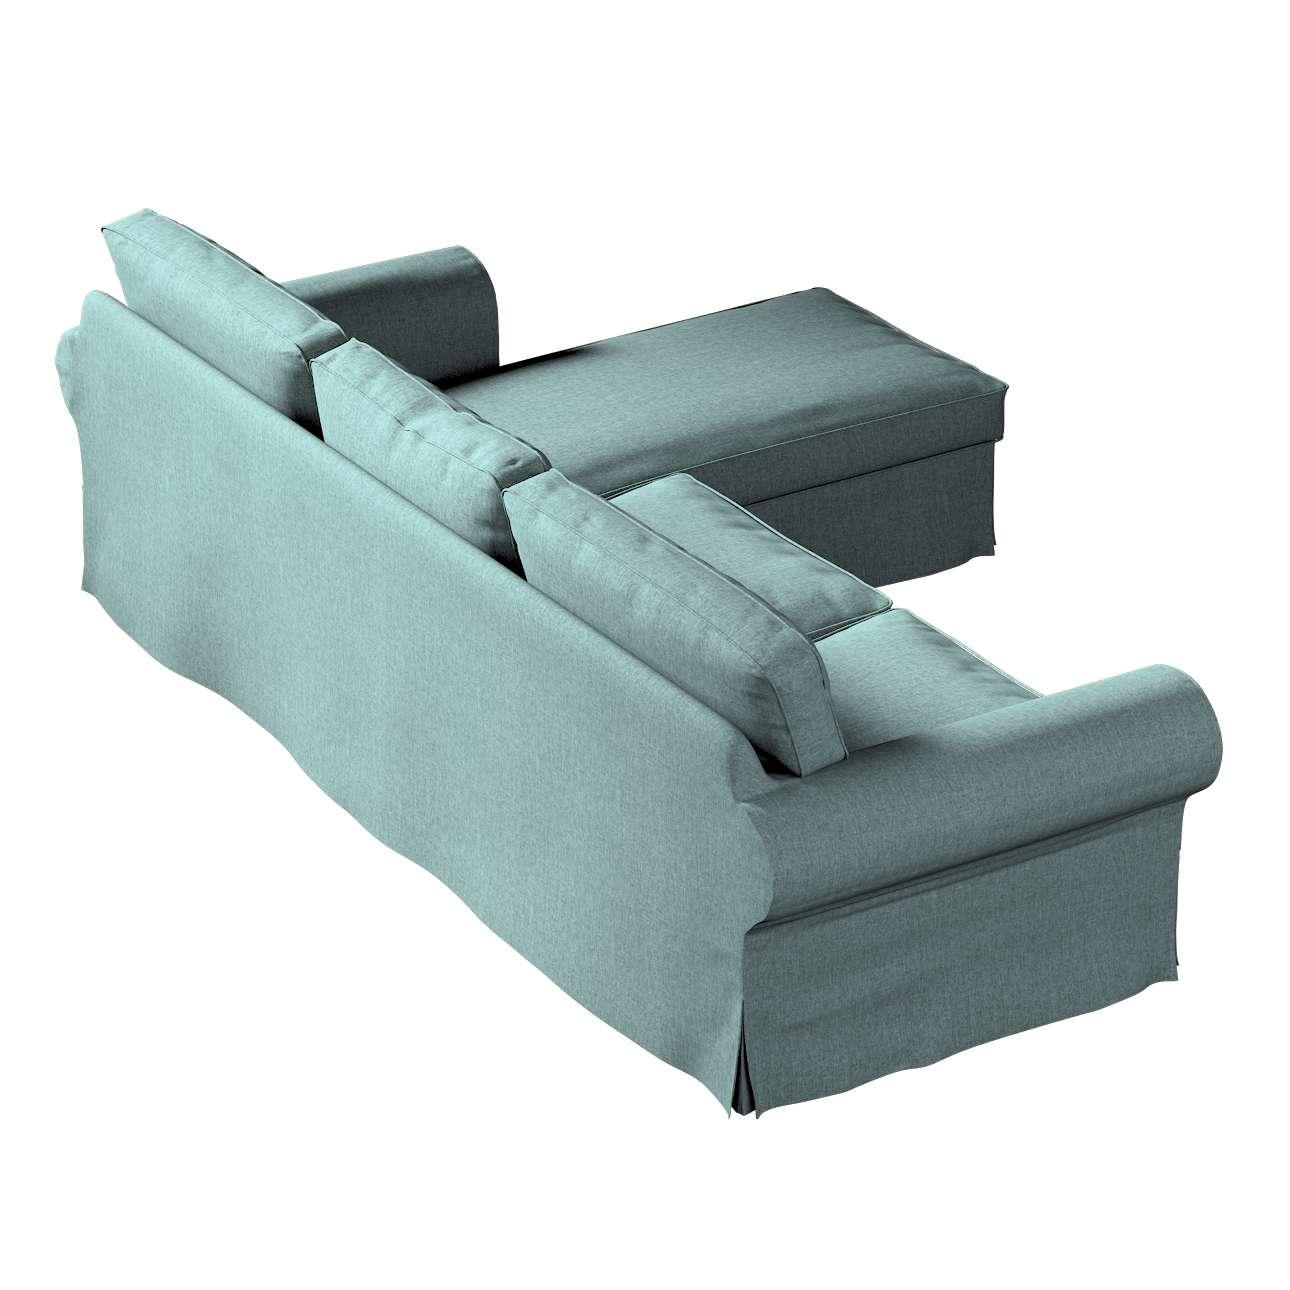 Pokrowiec na sofę Ektorp 2-osobową i leżankę w kolekcji City, tkanina: 704-85